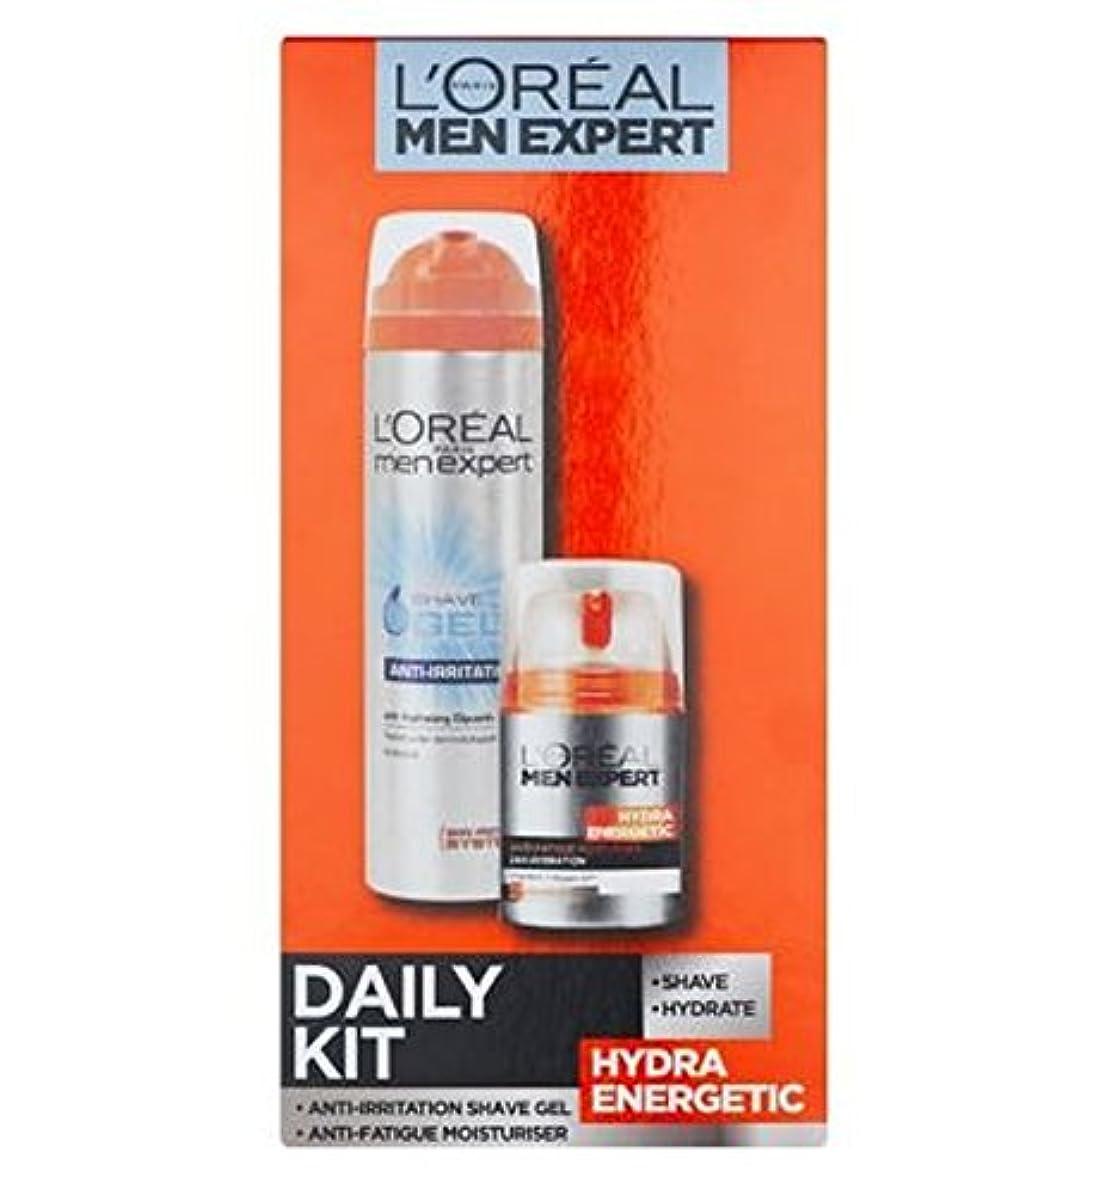 出口告白する繊細ロレアルの男性の専門家ヒドラエネルギッシュな毎日のスキンケアキット (L'Oreal) (x2) - L'Oreal Men Expert Hydra Energetic Daily Skincare Kit (Pack...